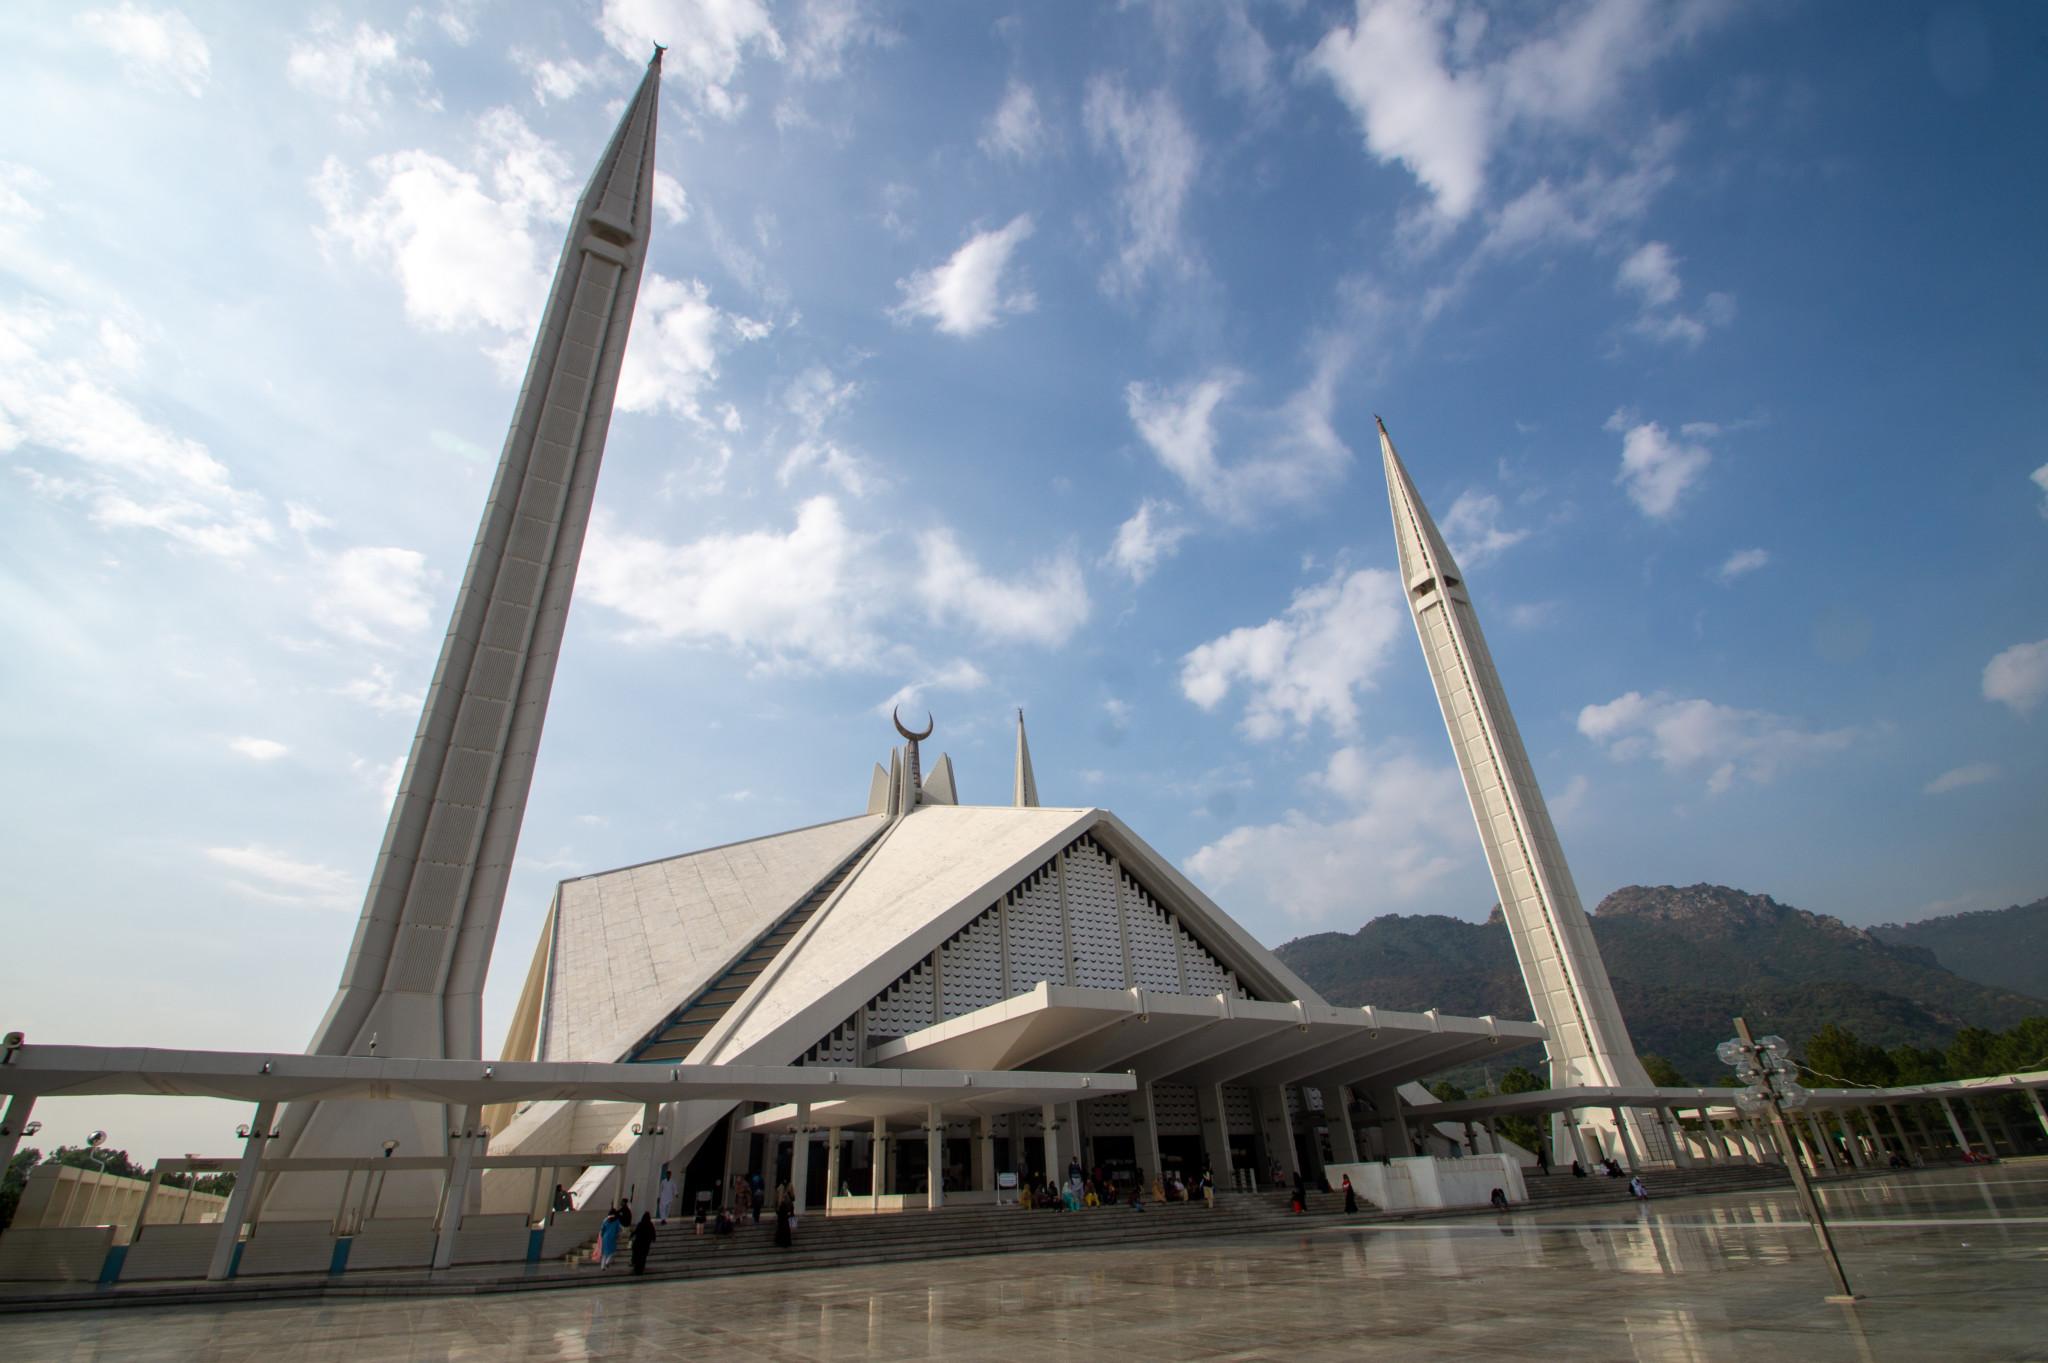 Die Faisal Moschee in Islamabad gehört zu den größten Moscheen der Welt.